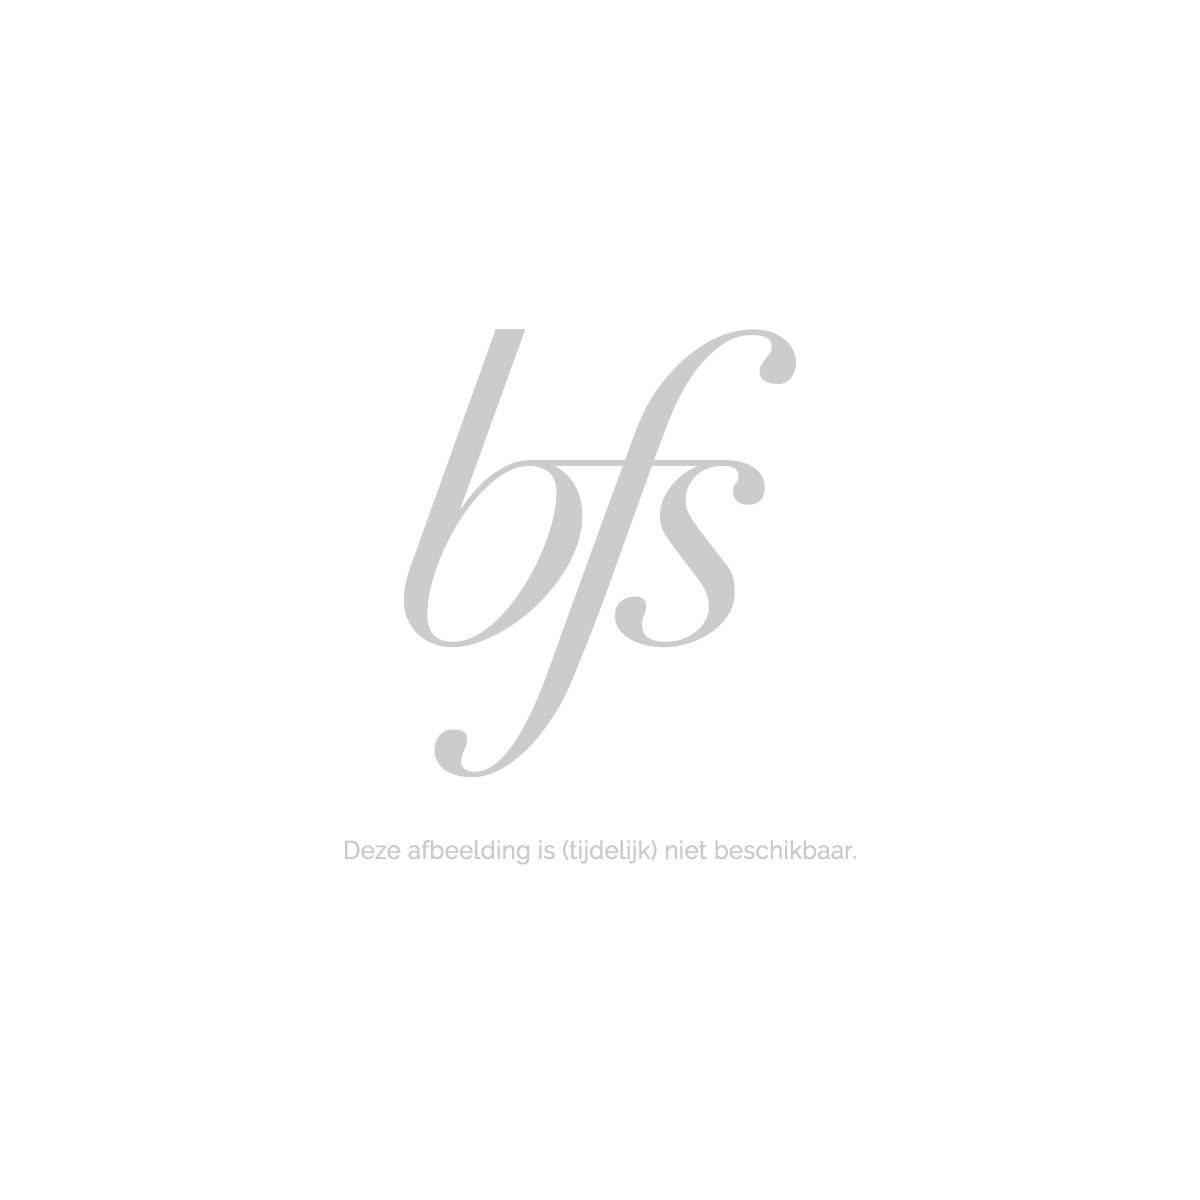 La Colline White Protector Spf25